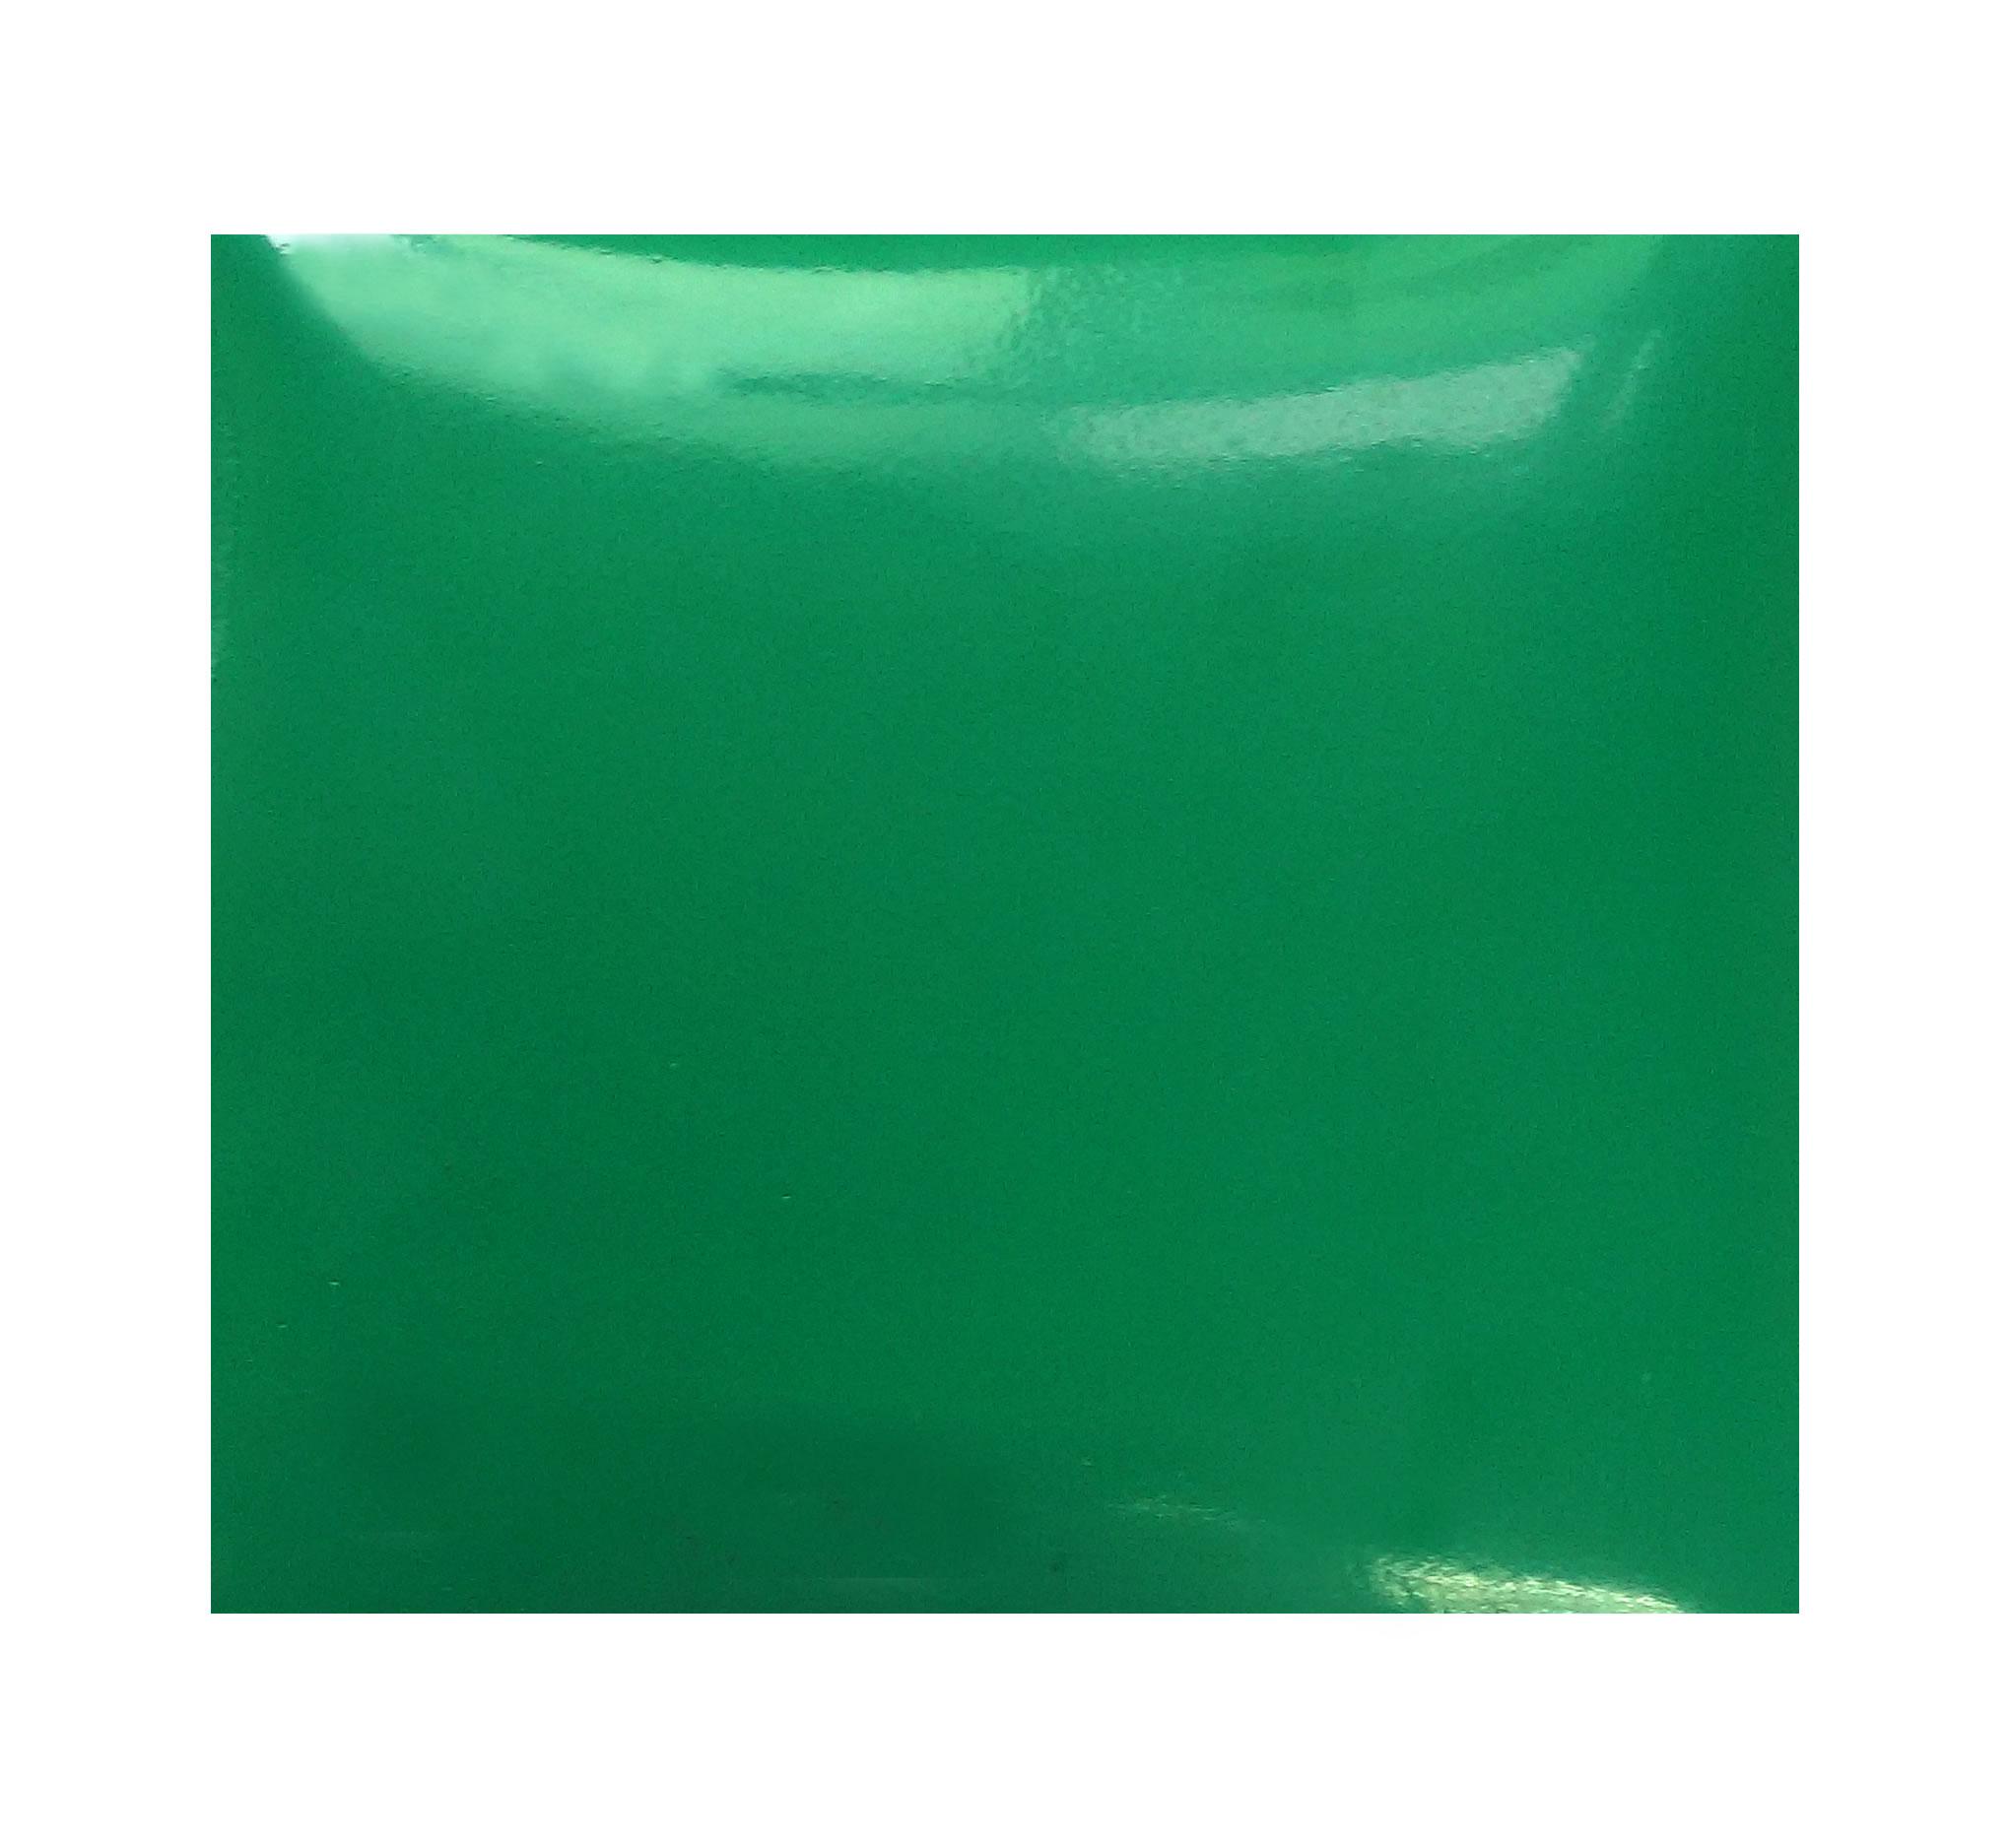 聚氨酯耐磨弹性PU胶